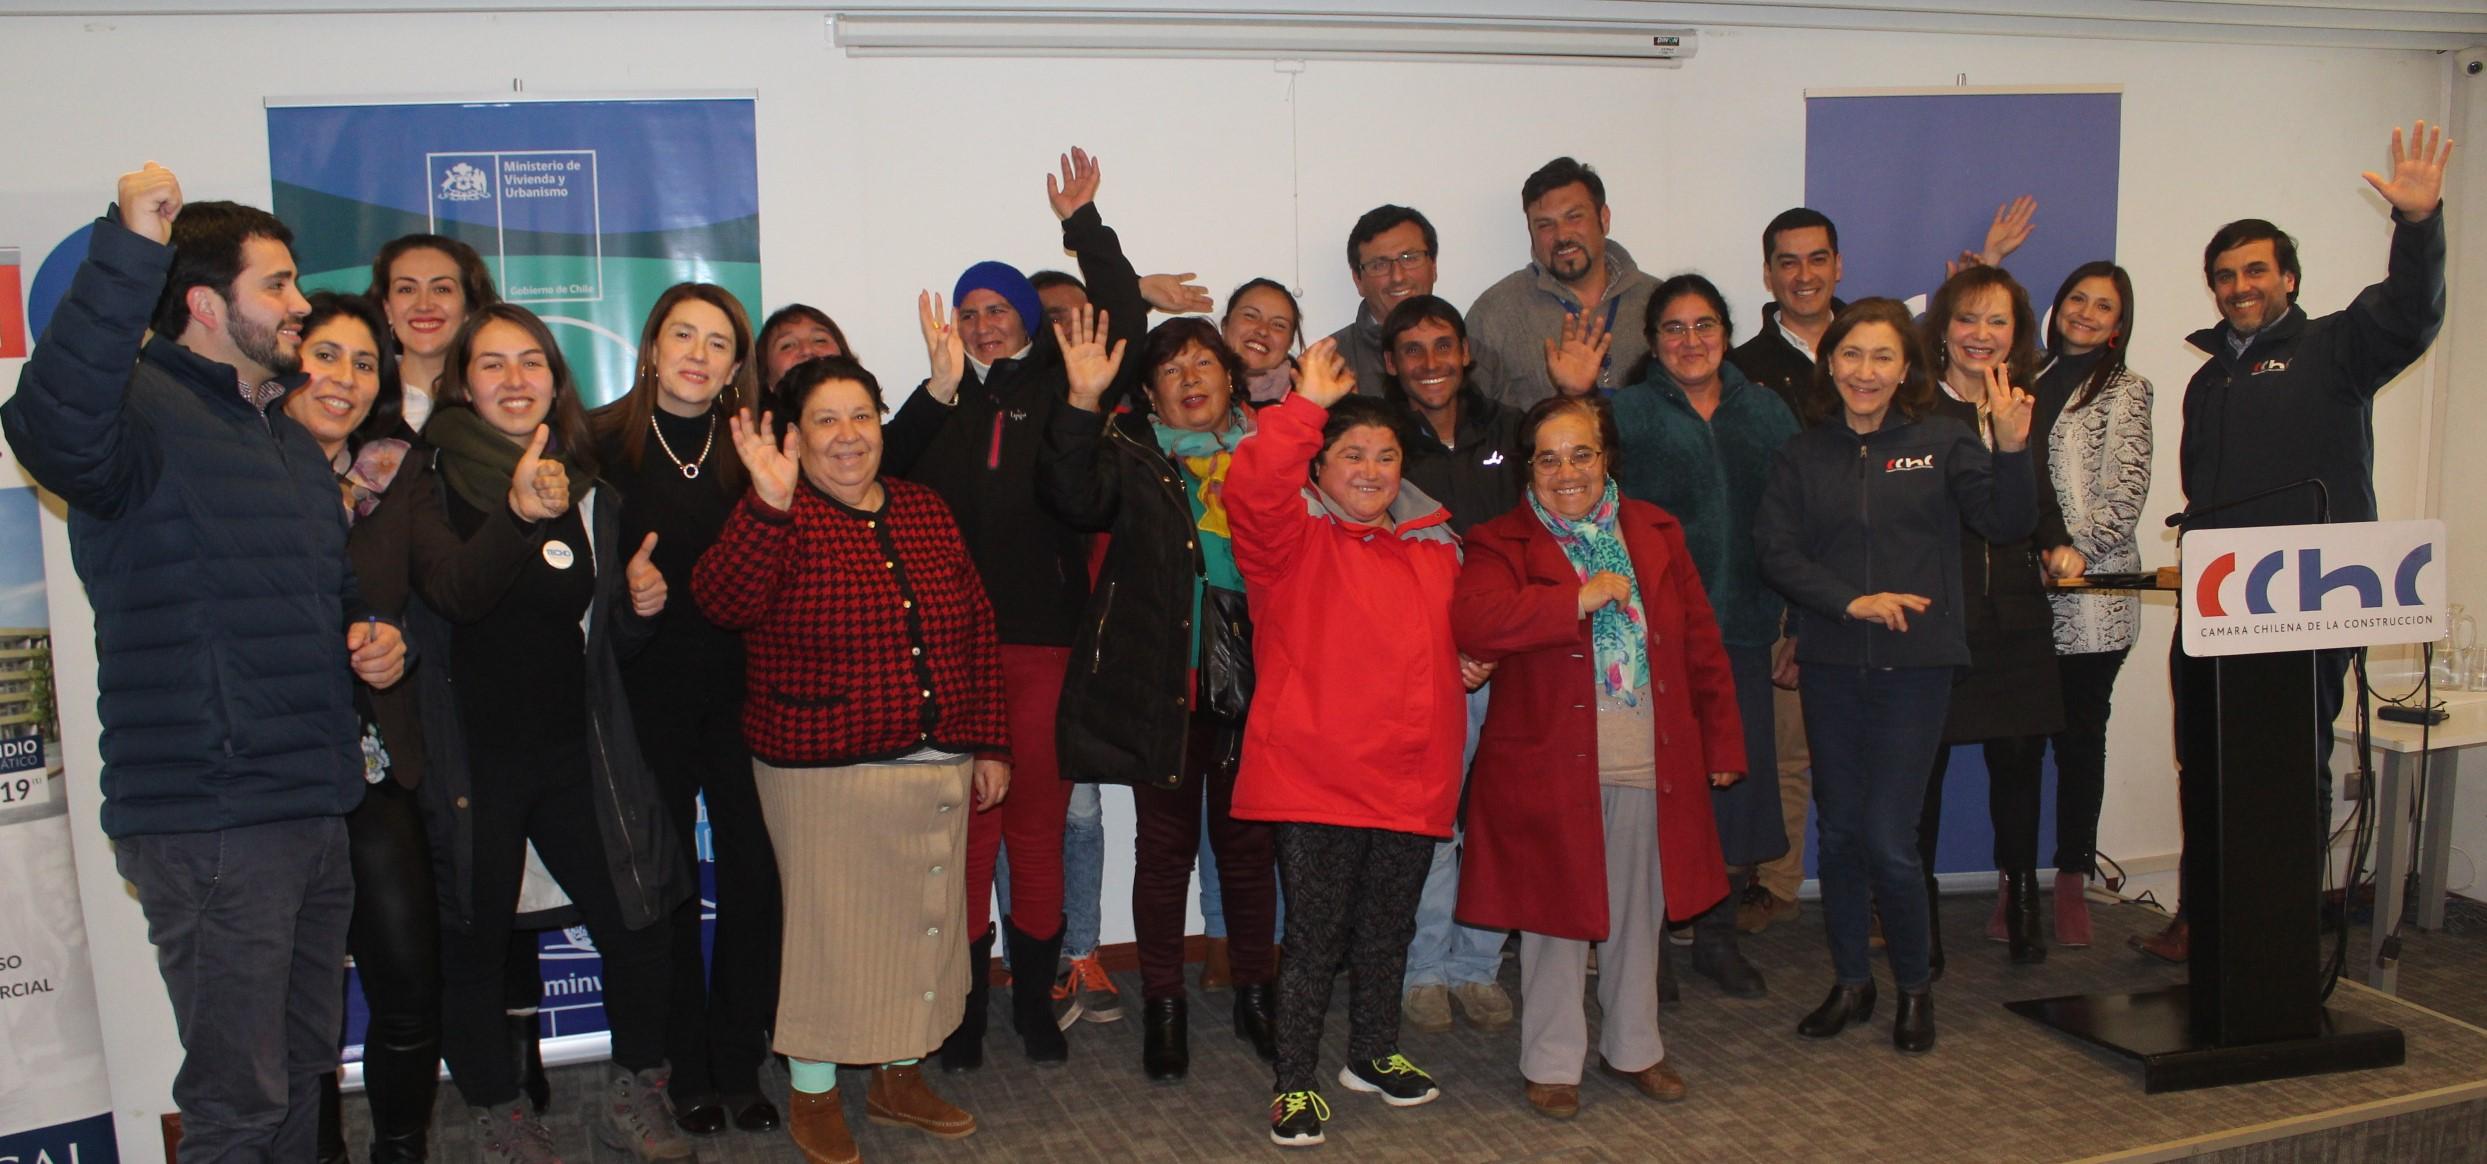 Familias de campamento Los Eucaliptus conocieron en CChC Chillán alternativas de vivienda noticias